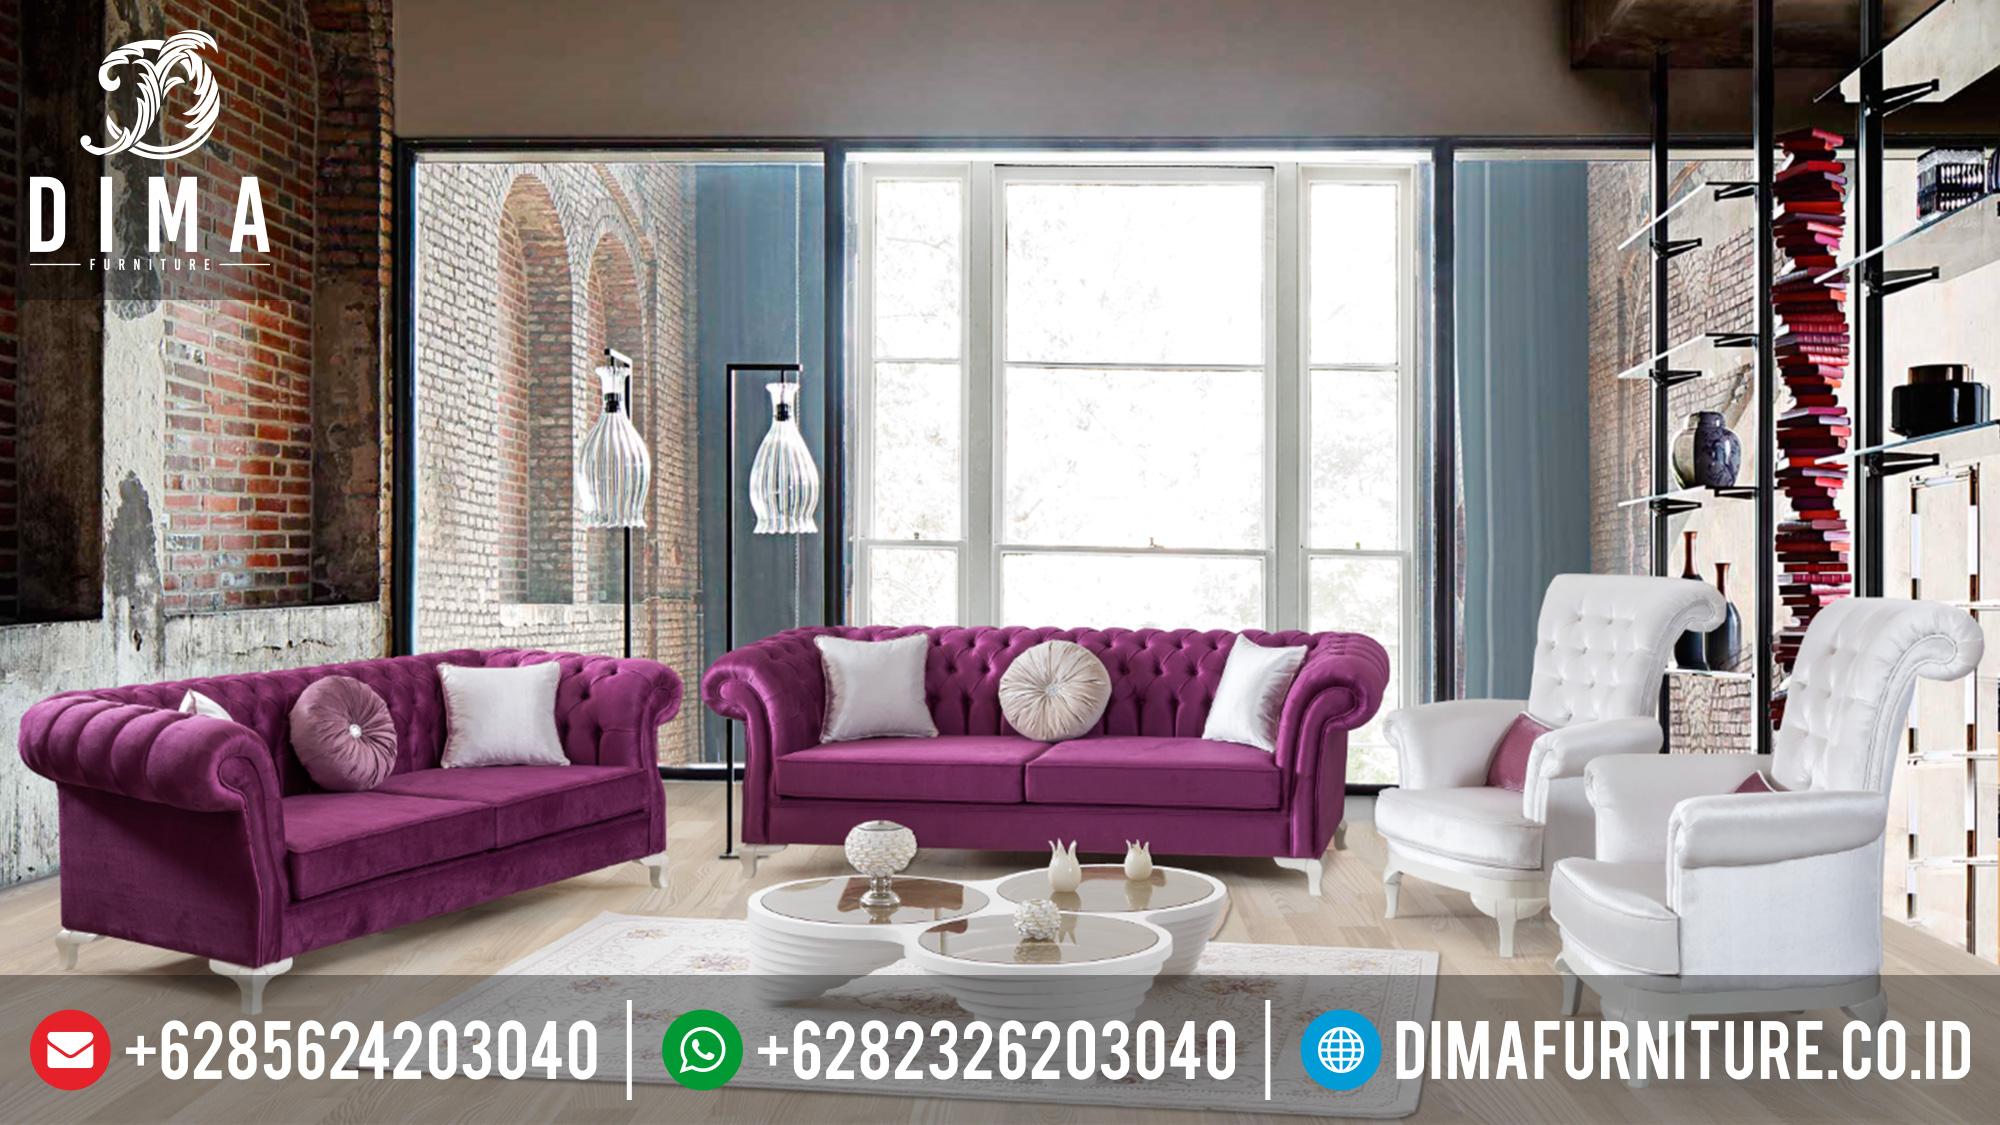 Jual Sofa Mewah Ruang Tamu, Beli Kursi Tamu Mewah Minimalis Terbaru, Sofa Minimalis Jepara MM-0111 Gambar 2